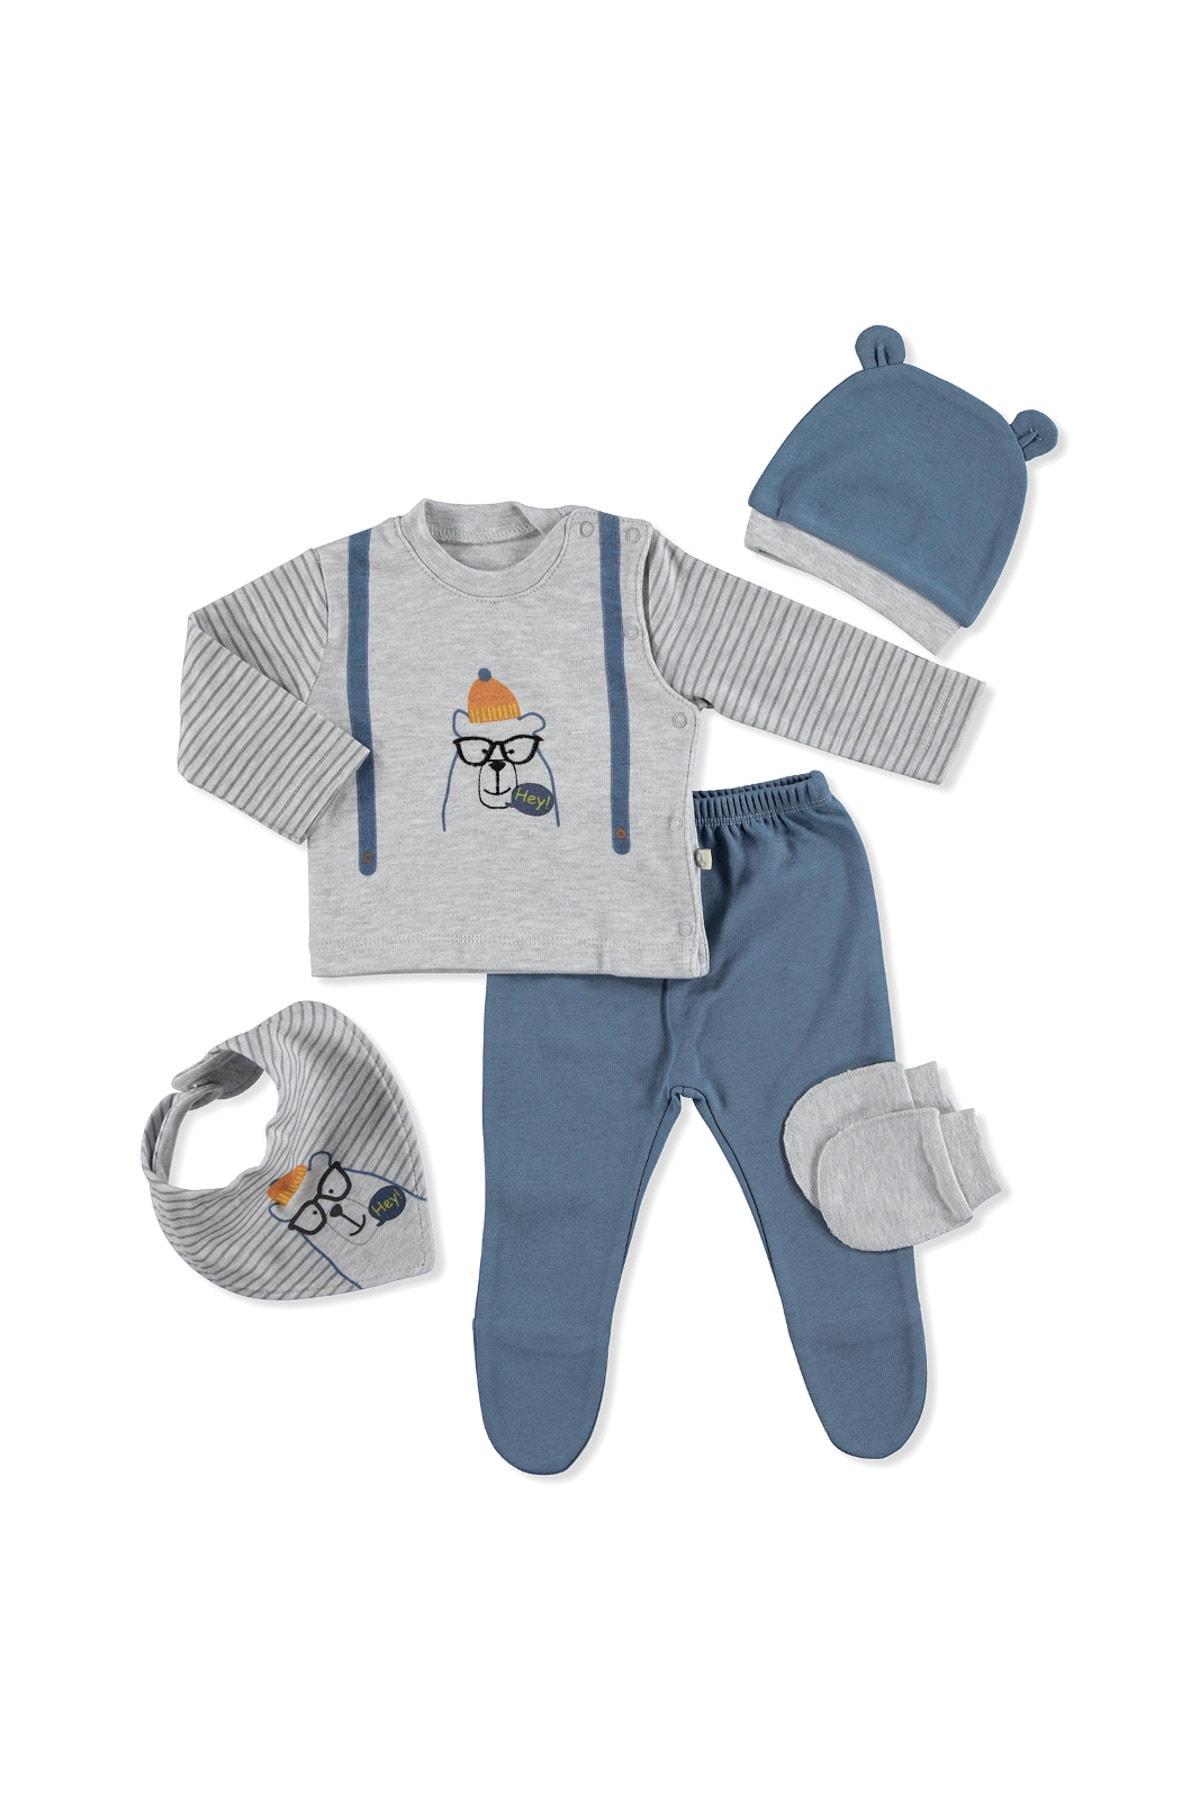 Bebbek Erkek Bebek 5'li Hastane Çıkışı Hs-3048 1